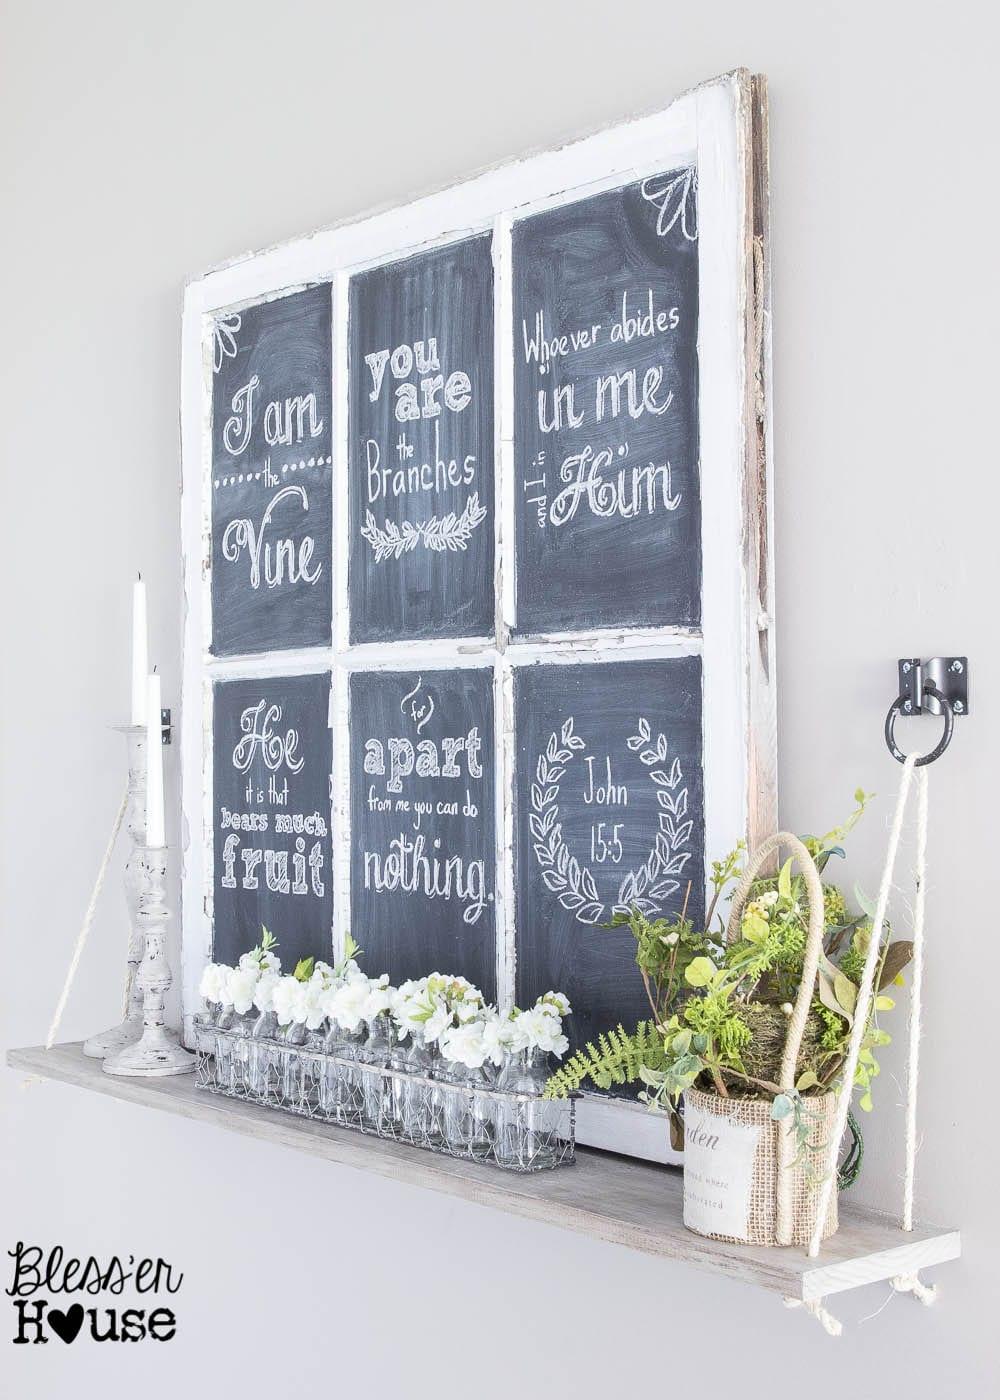 spring-chalkboard-how-to-hand-lettering (5 of 4How to Make Chalkboard Hand Lettering the Easy Way & Spring Shelf Vignette | Bless'er House